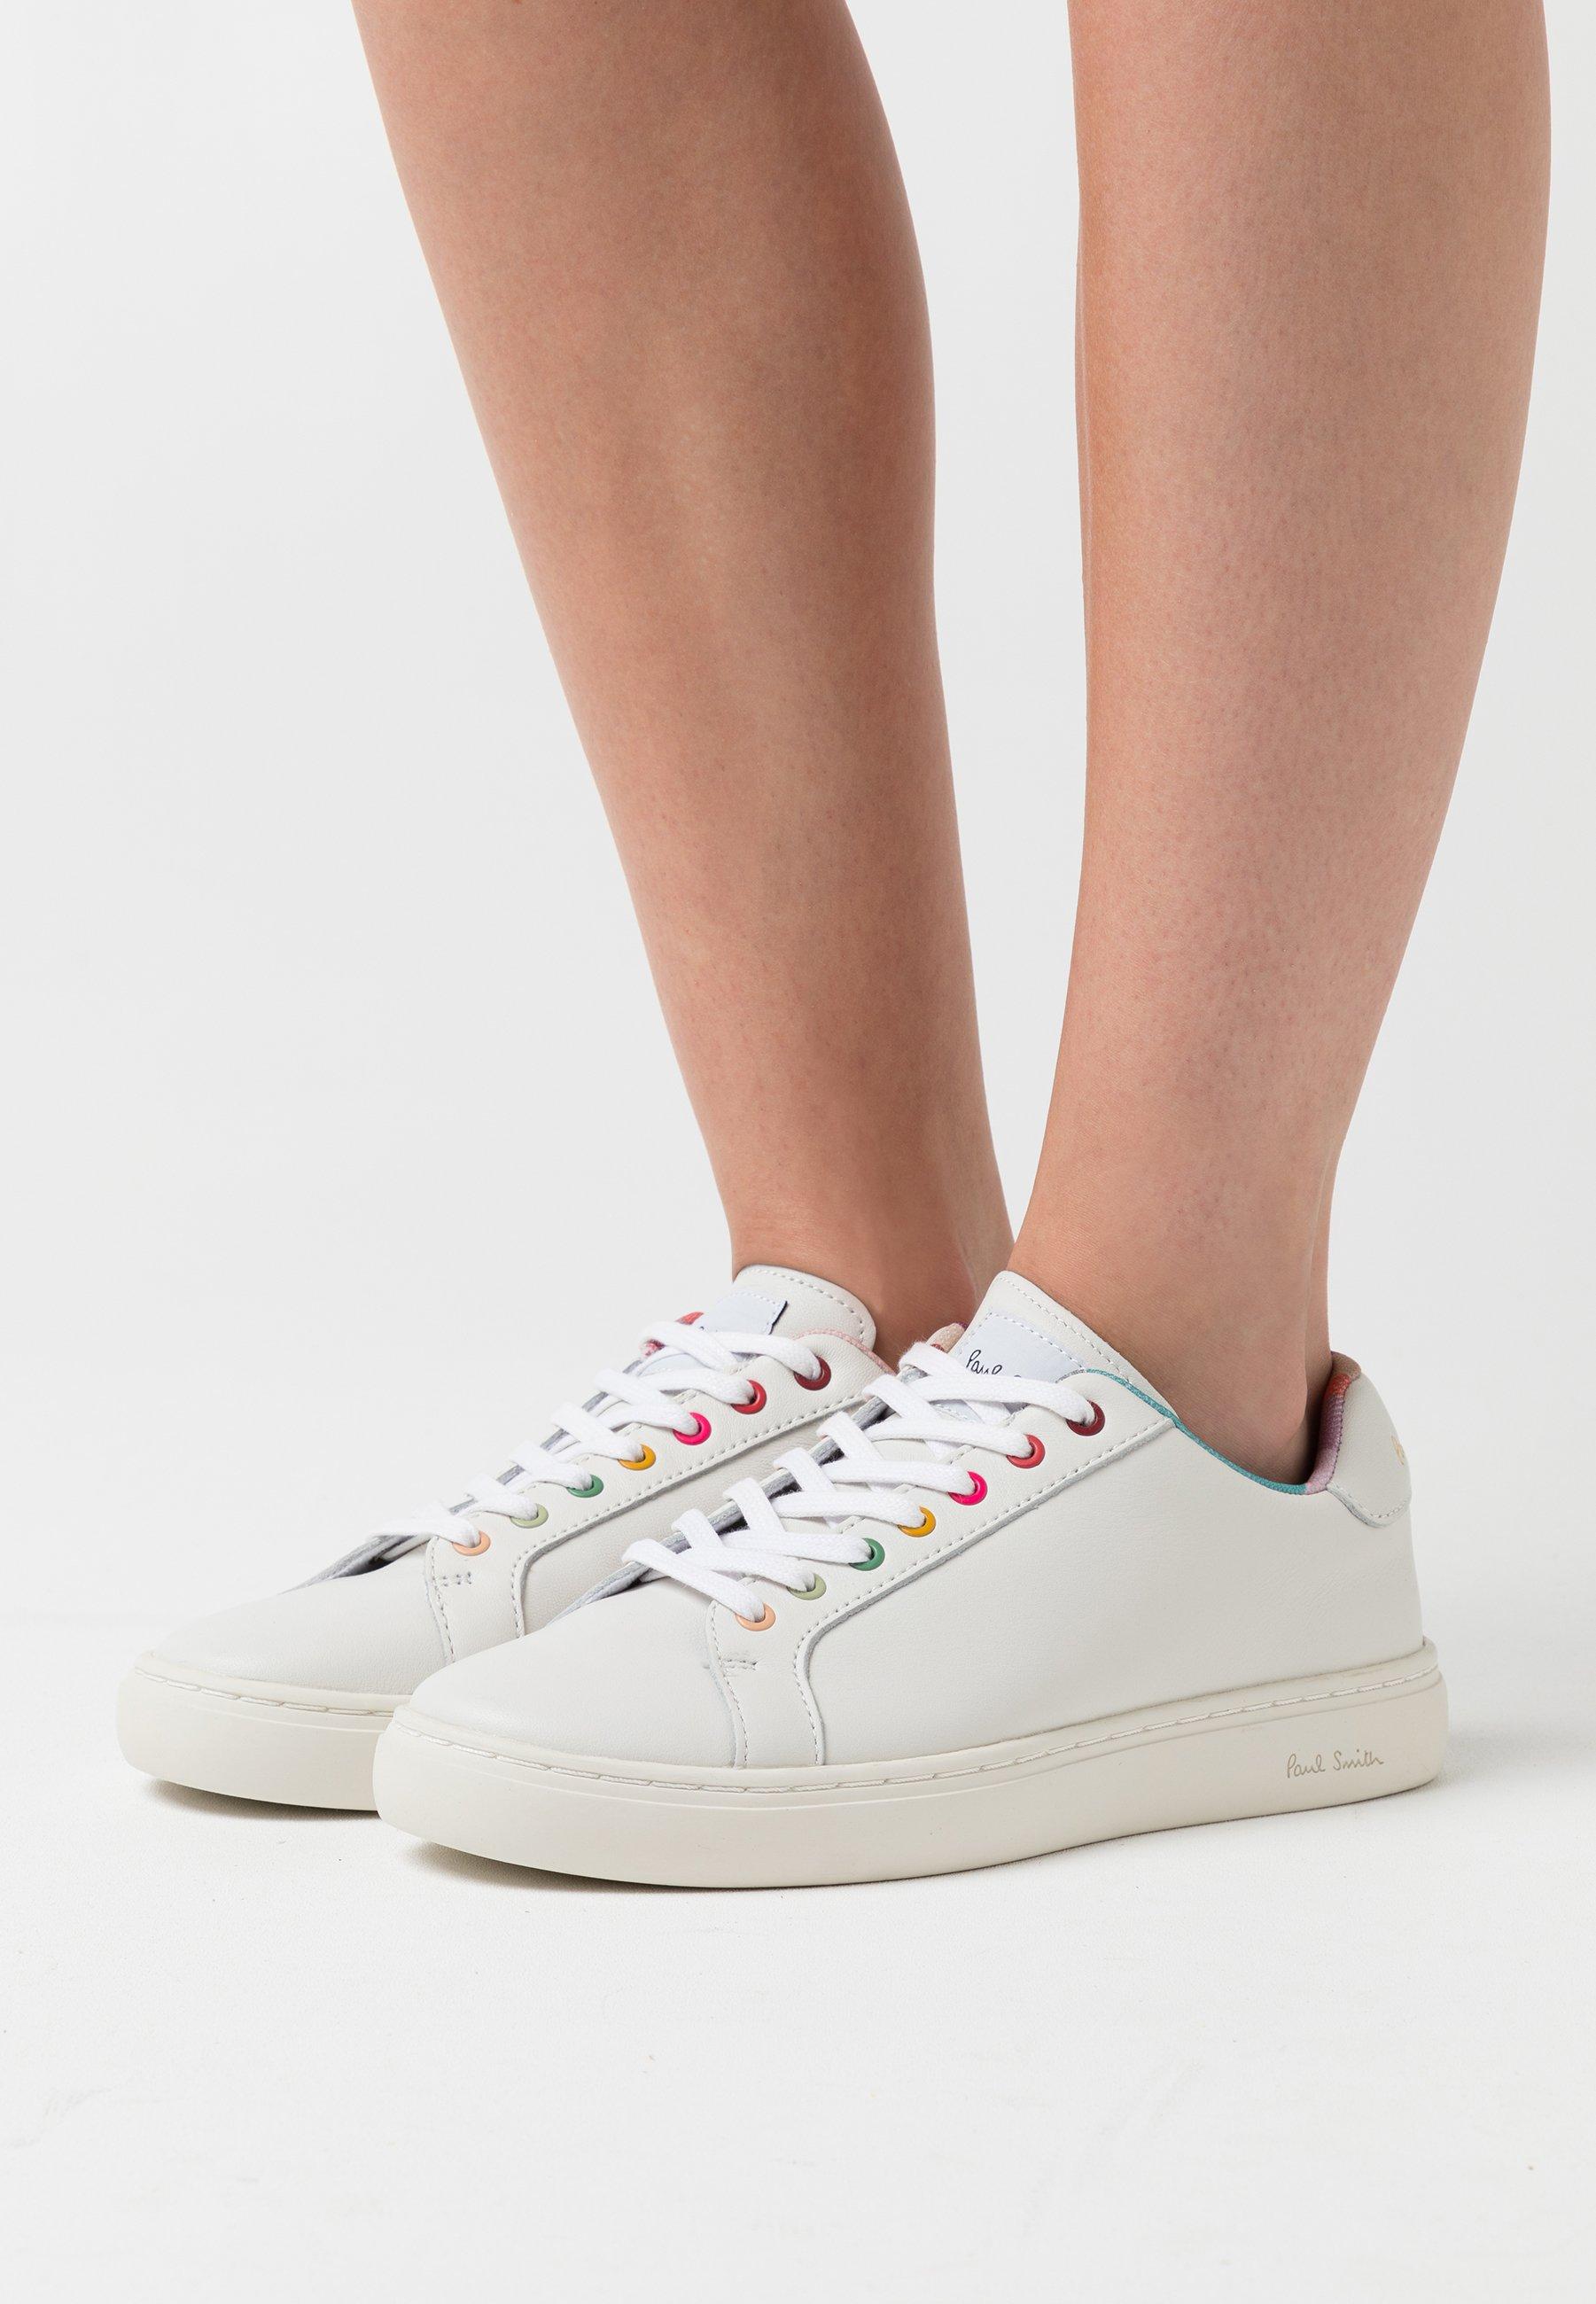 Myytävänä Naisten kengät Sarja is9898fyuiHYDS8 Paul Smith LAPIN Matalavartiset tennarit white